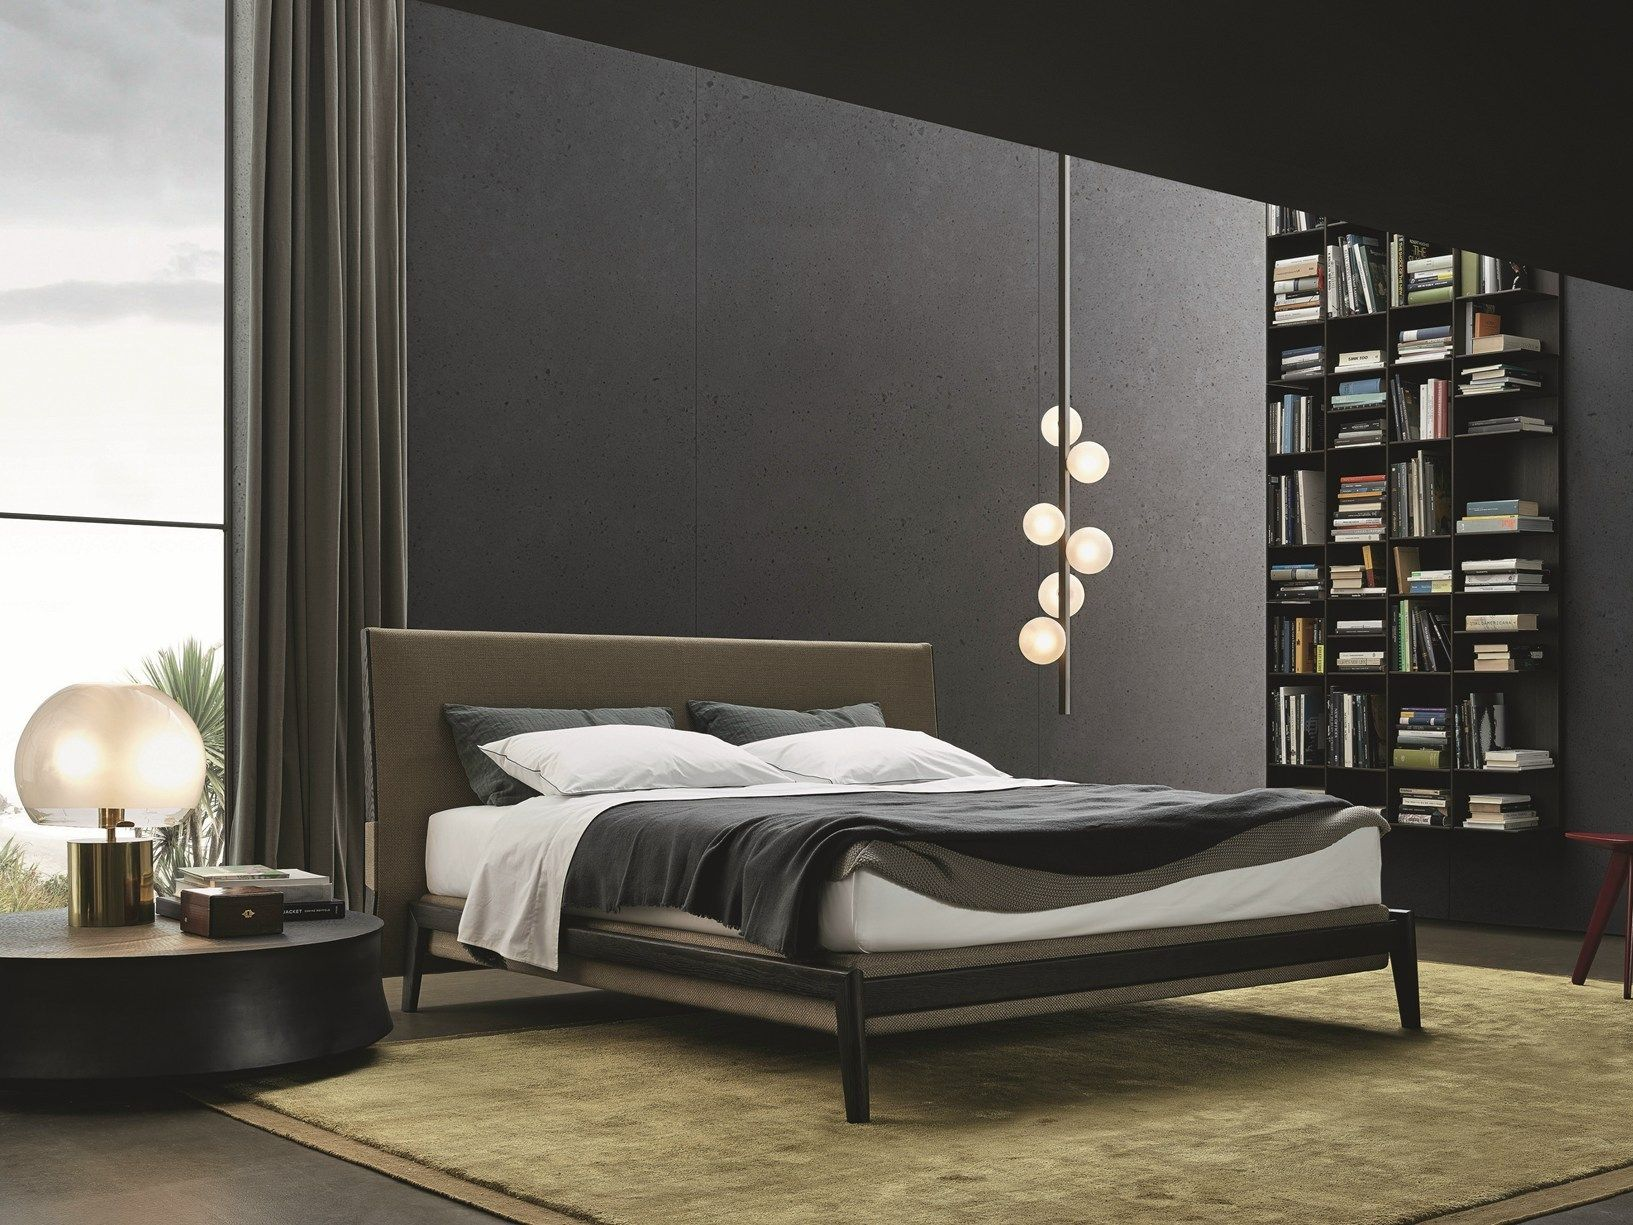 3 window bedroom ideas  poliform at isaloni with jeanmarie massaud ipanema simple